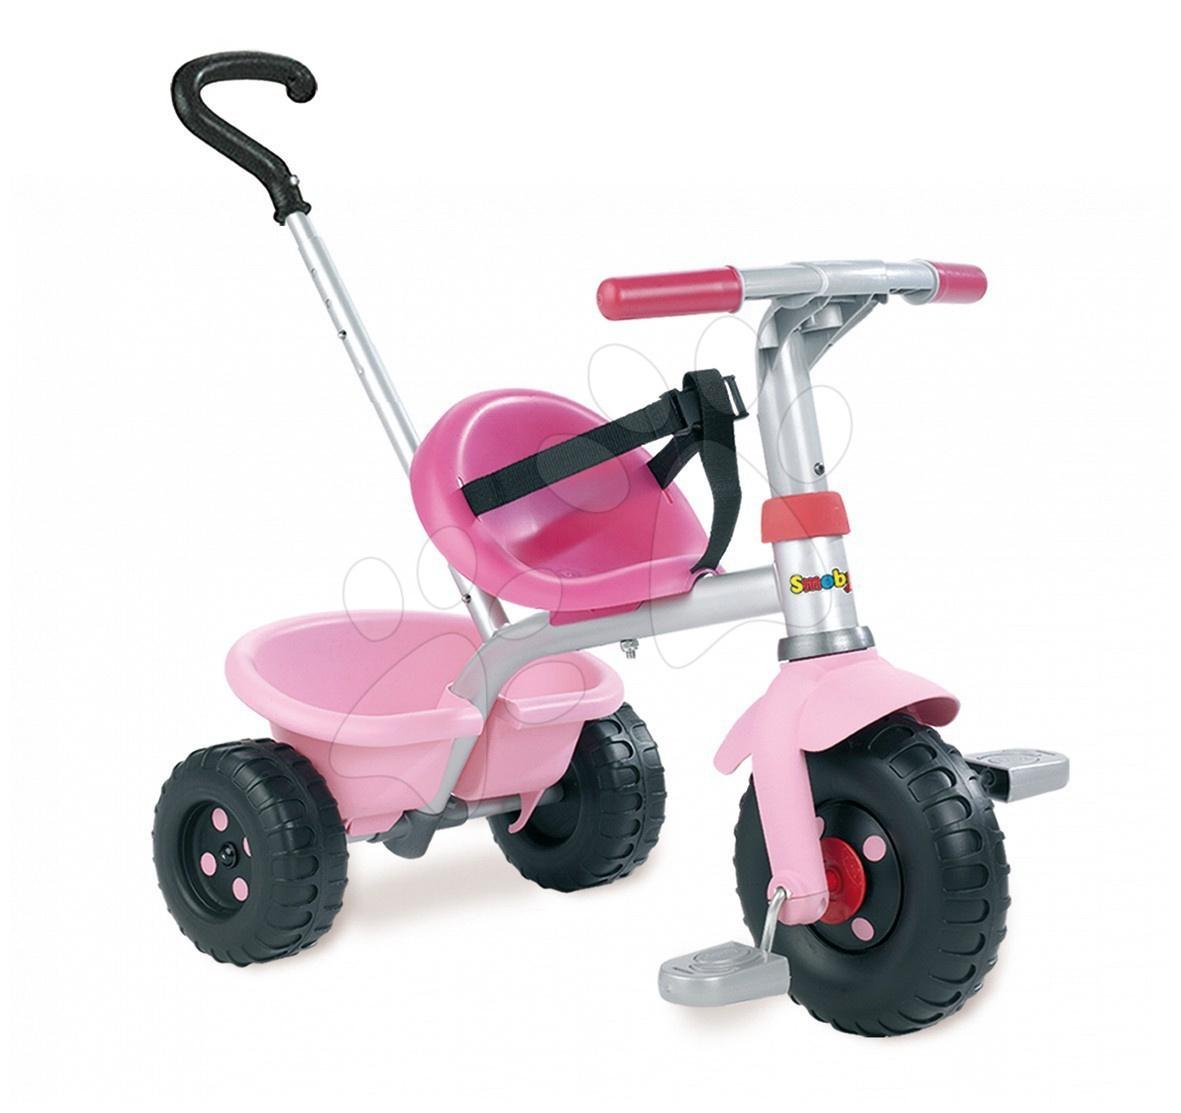 Staré položky - Tříkolka Be Fun Smoby růžová s vodicí tyčí od 15 měsíců